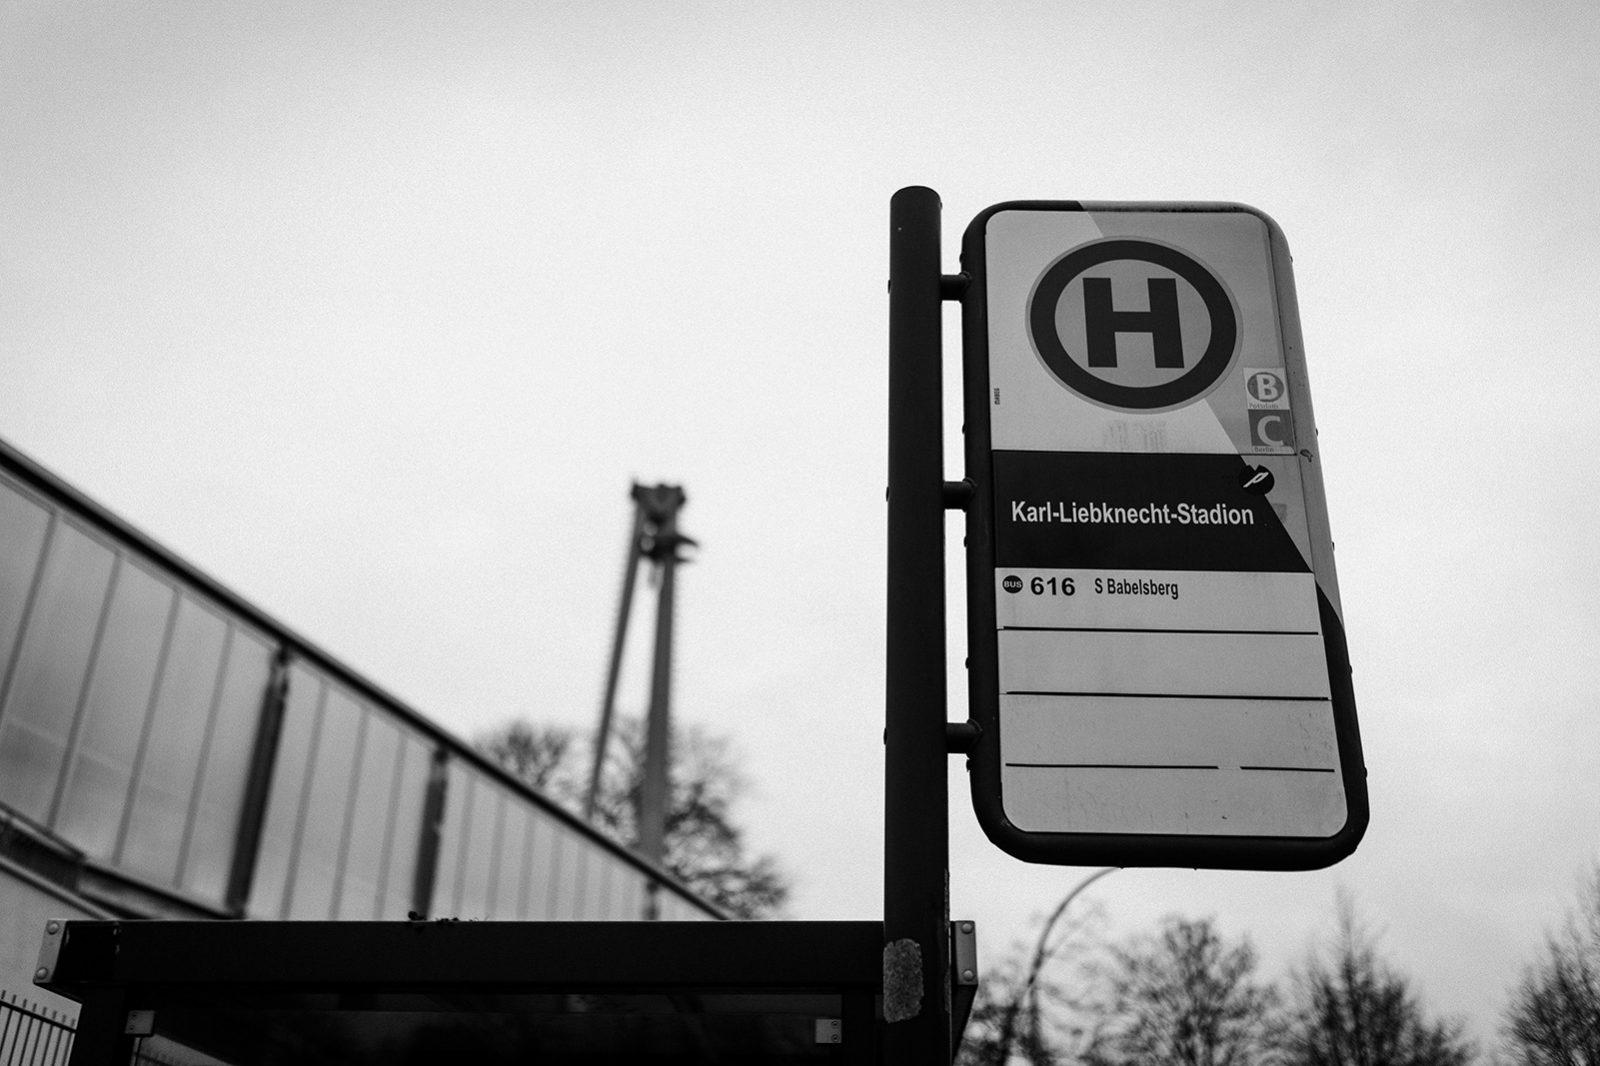 Haltestelle Karl-Liebknecht-Stadion